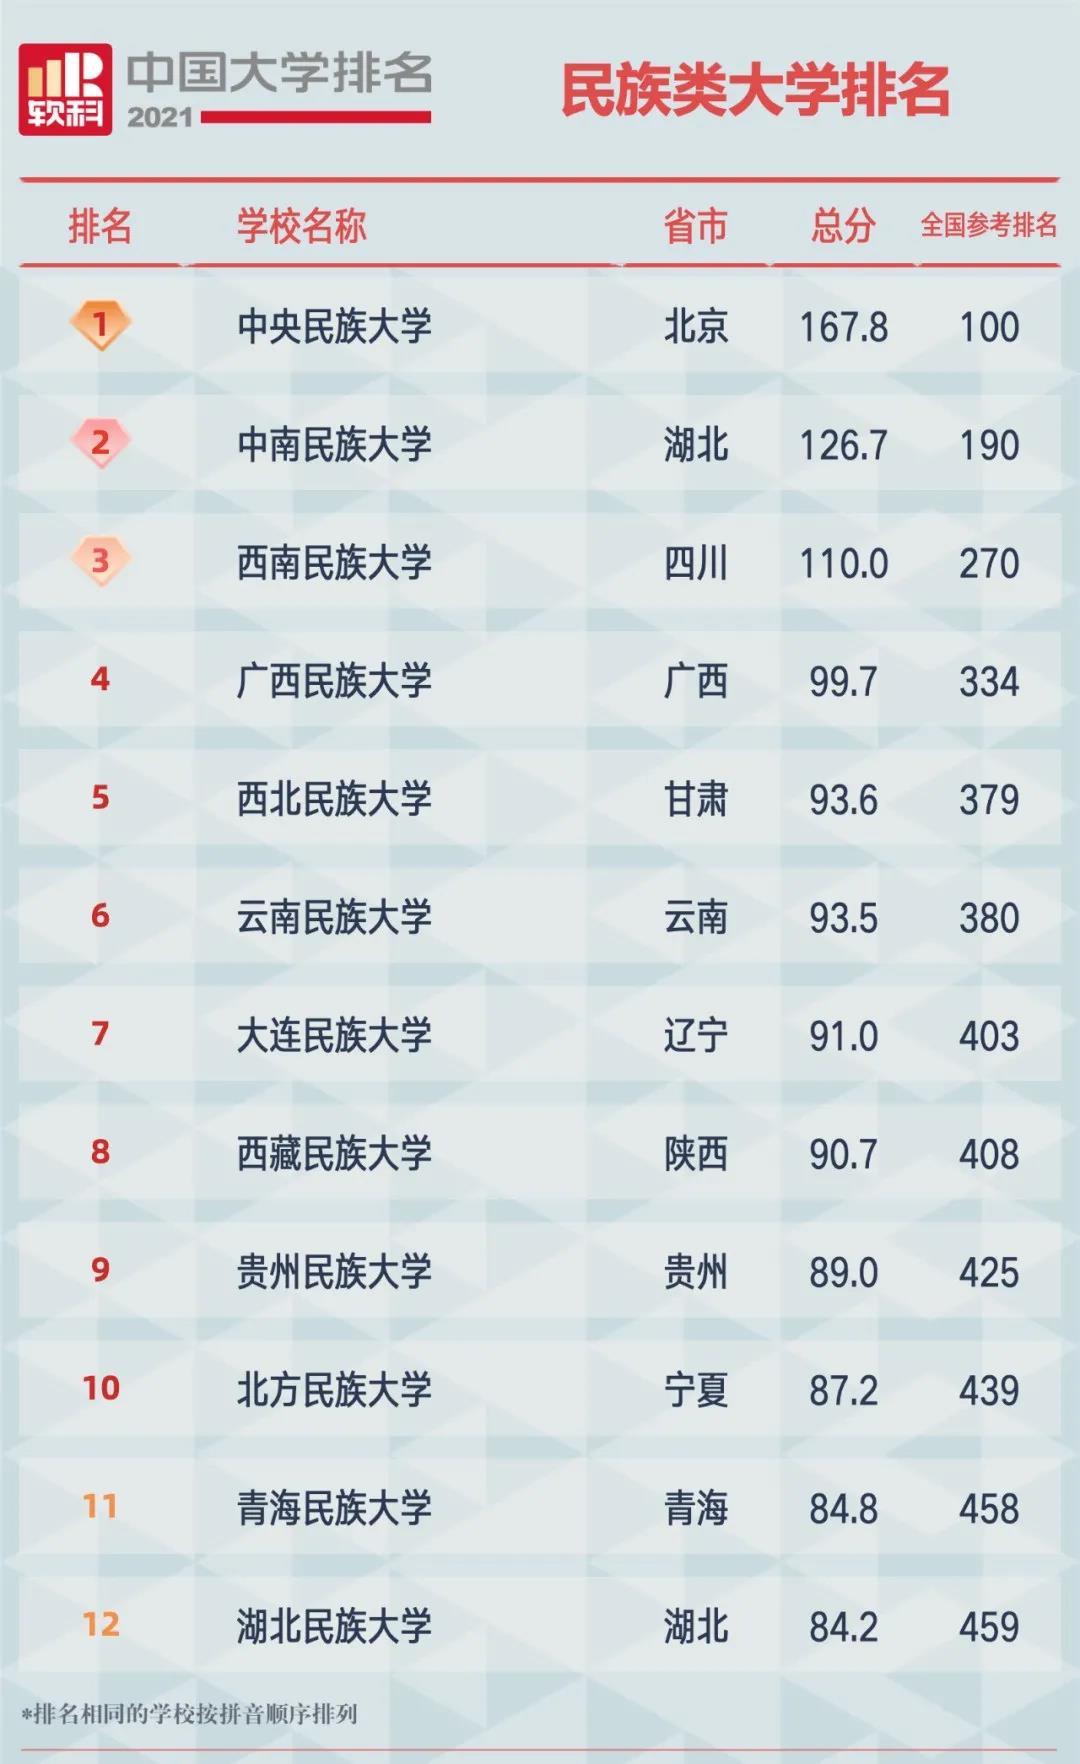 2021软科中国民族类大学排名